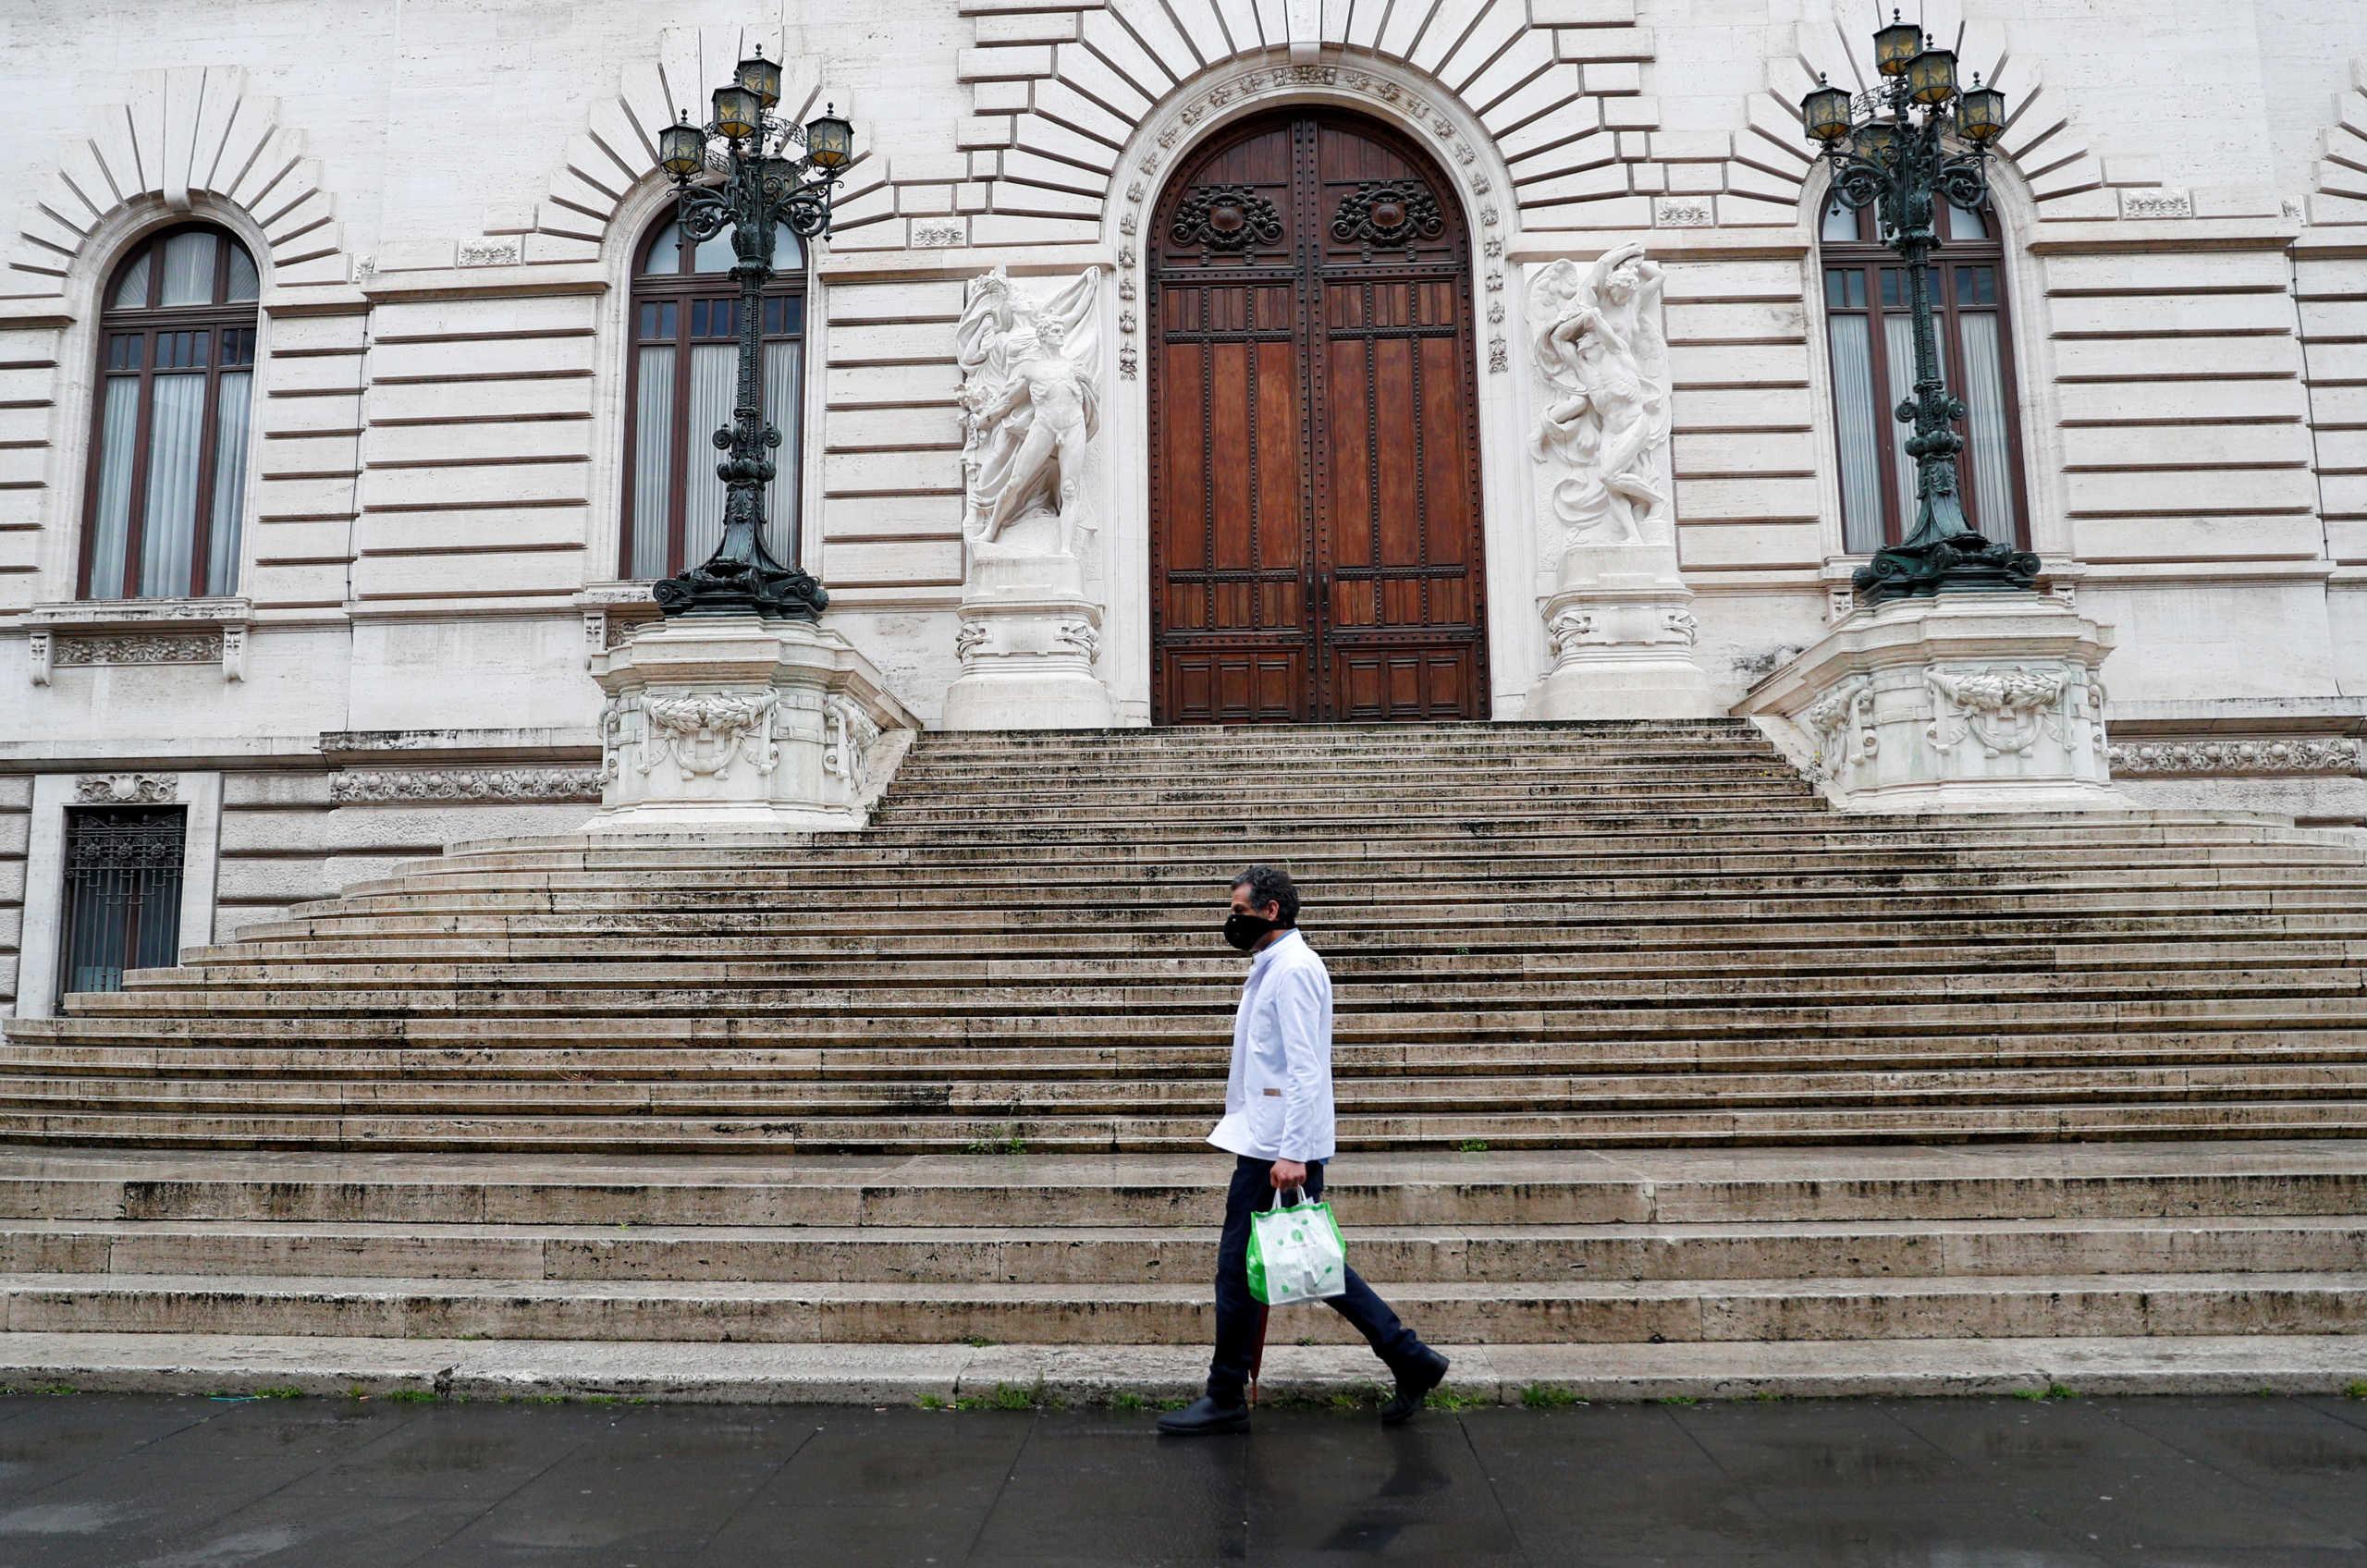 Ιταλία – Κορονοϊός: Τέλος στις επισκέψεις σε συγγενείς και φίλους στις «κόκκινες περιοχές»